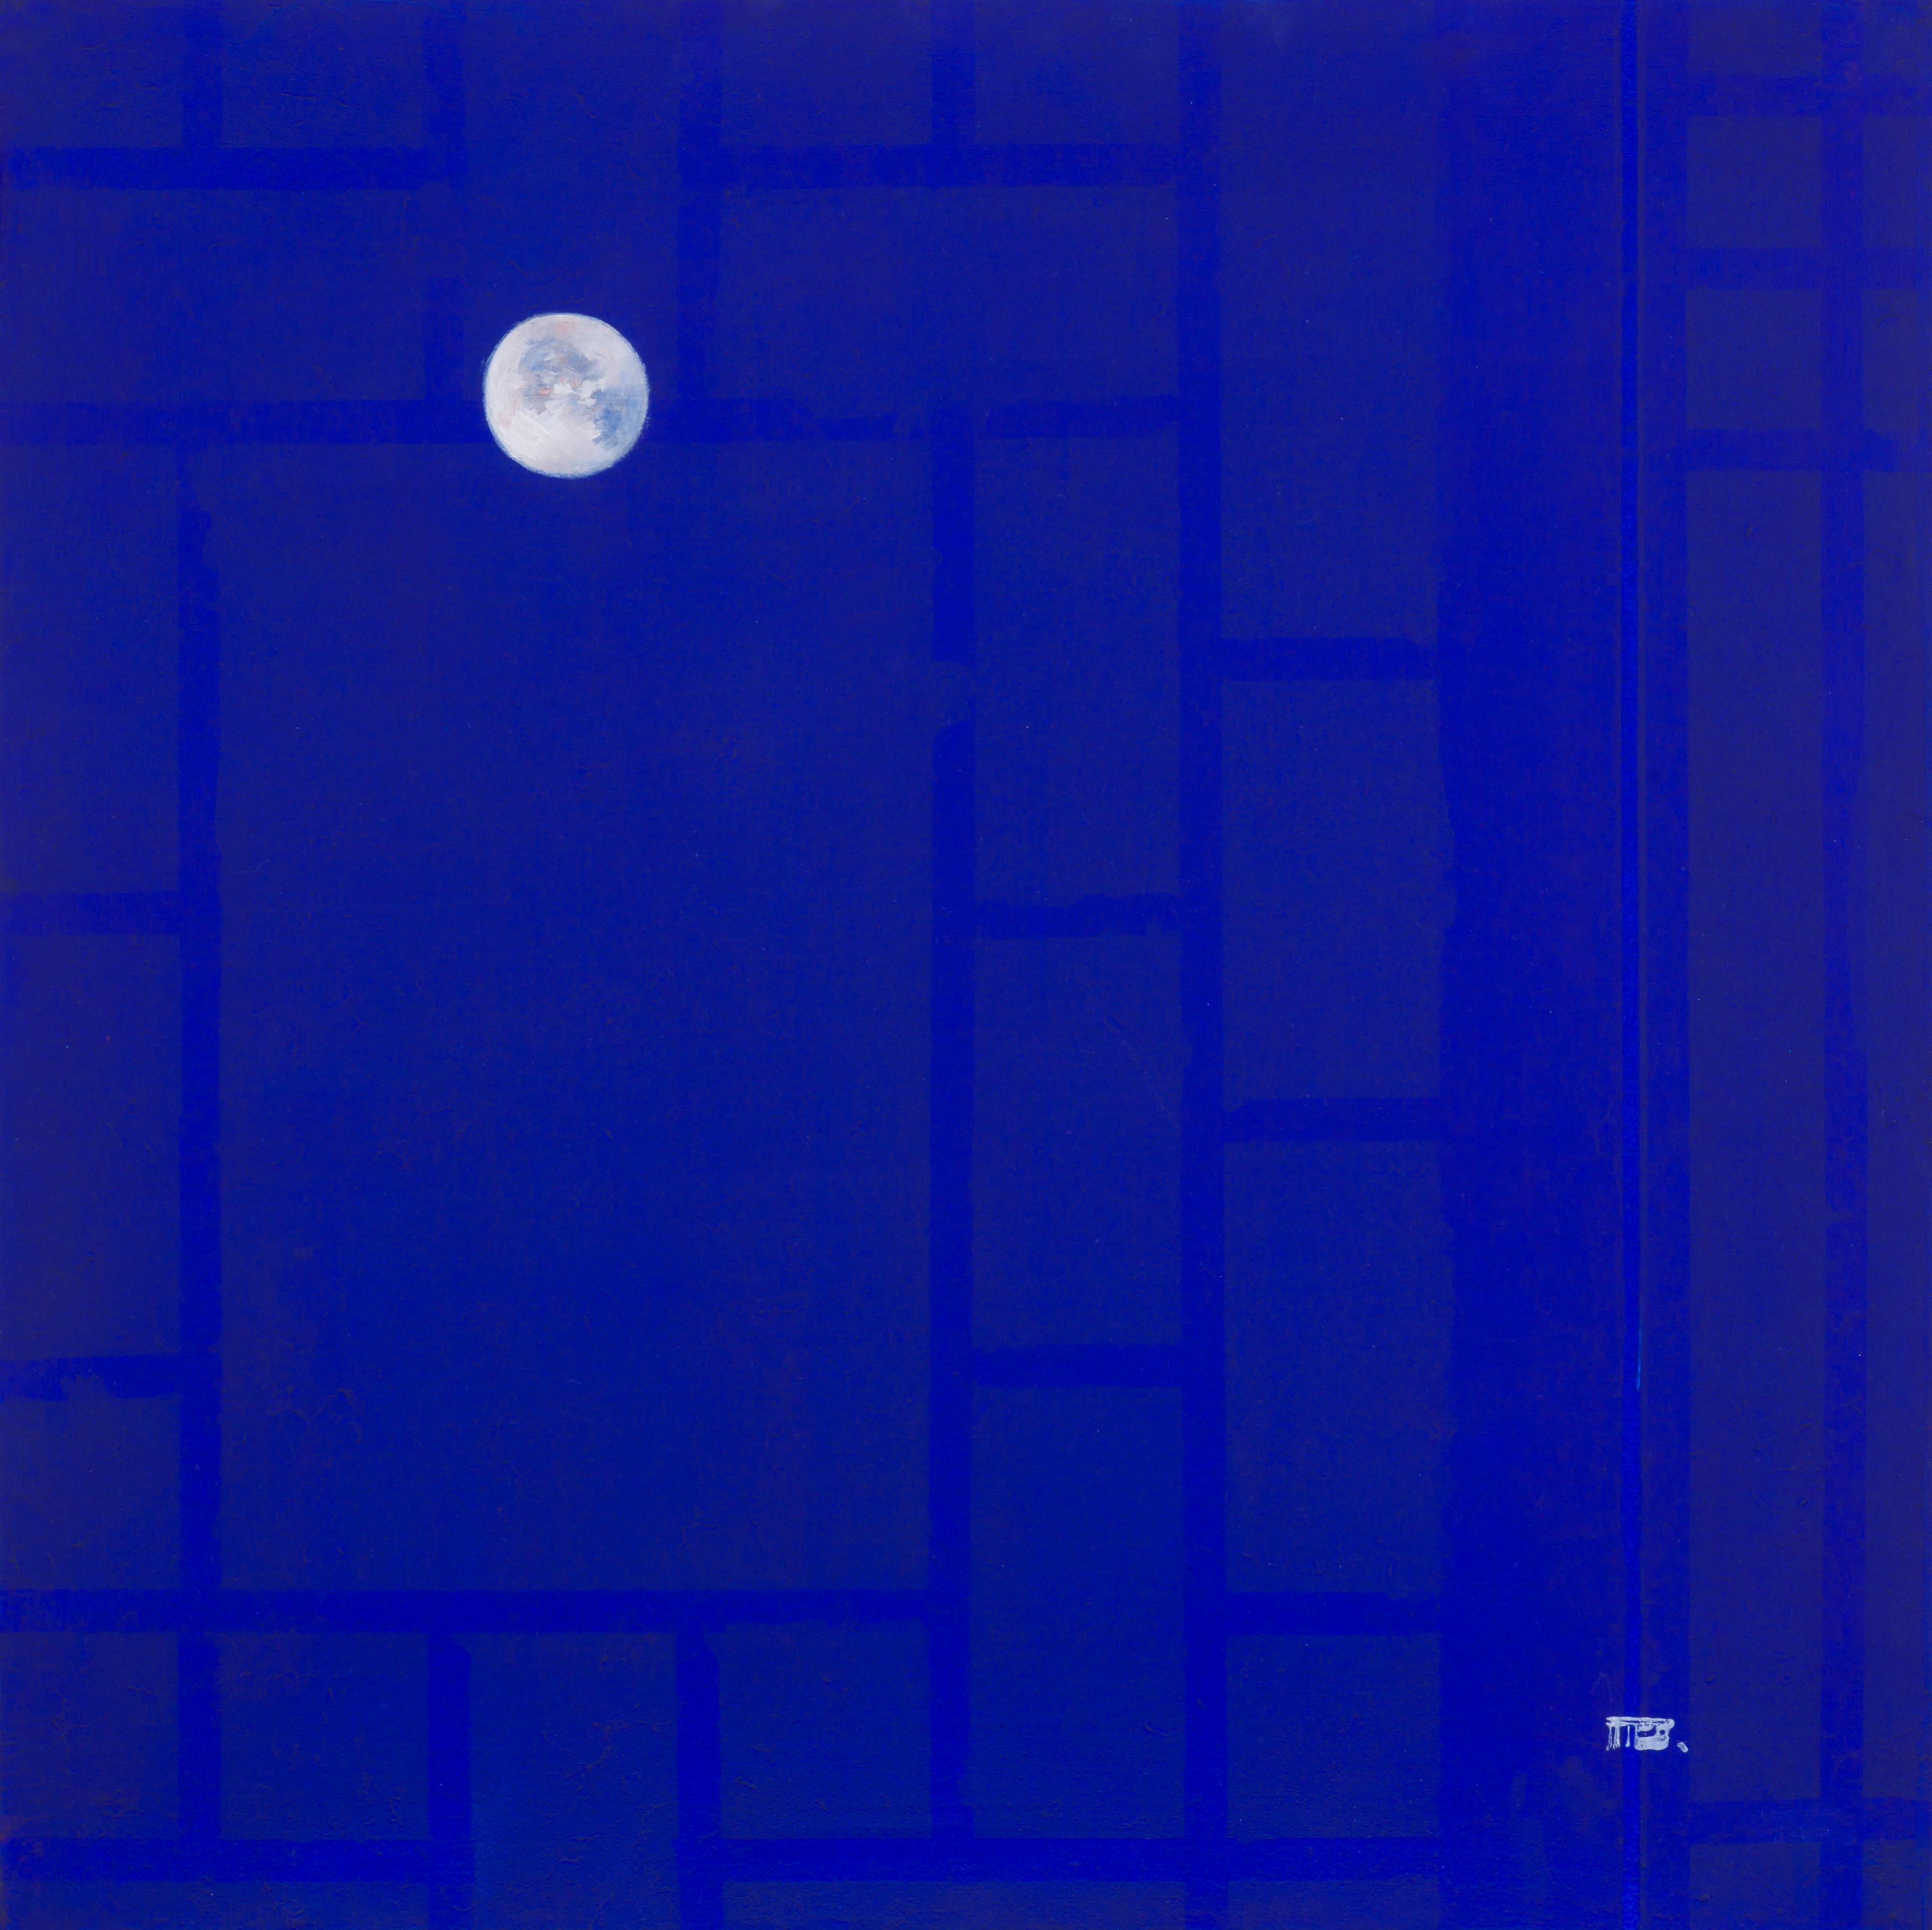 방복희, 門, 53 x 53 cm, 장지에 먹 분채 유채, 2020, 1